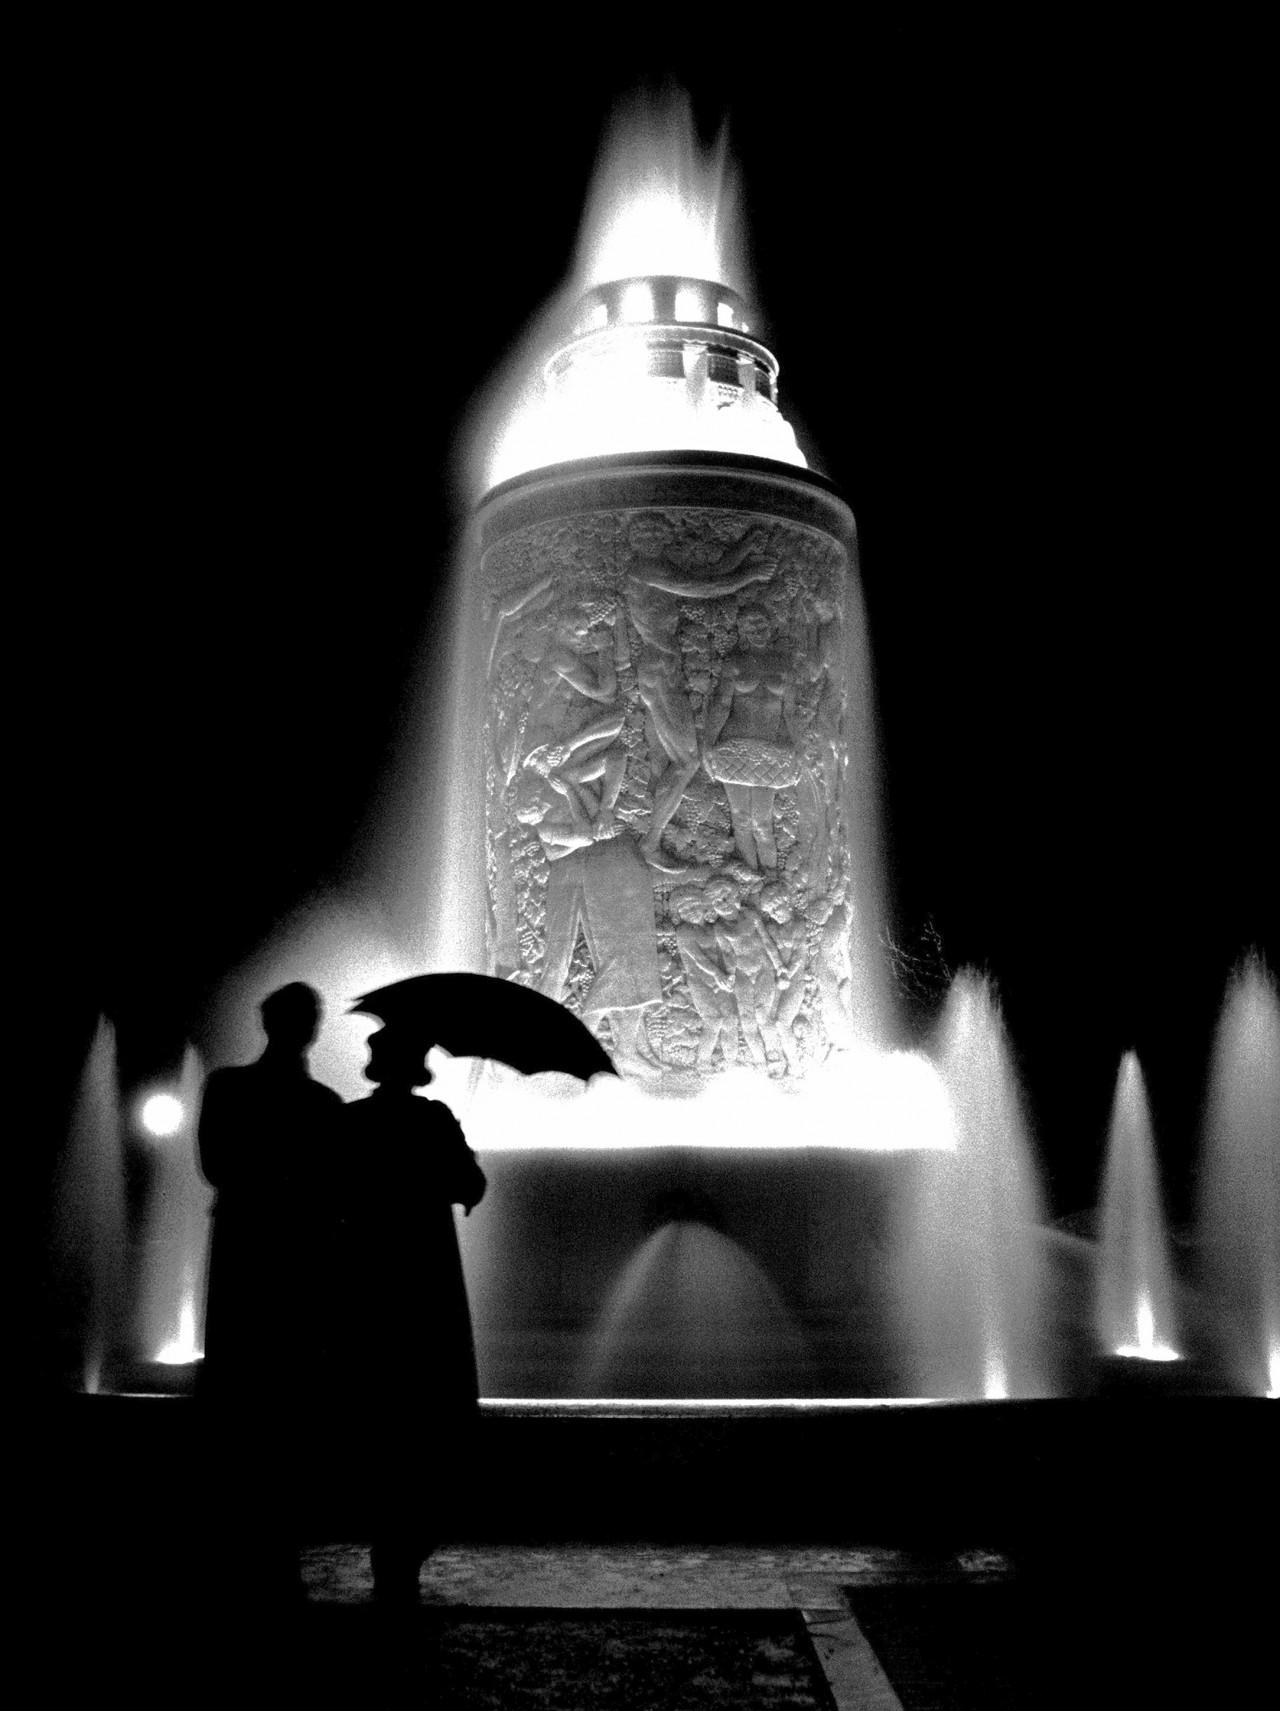 Фонтан, Париж, 1935. Фотограф Фред Стайн